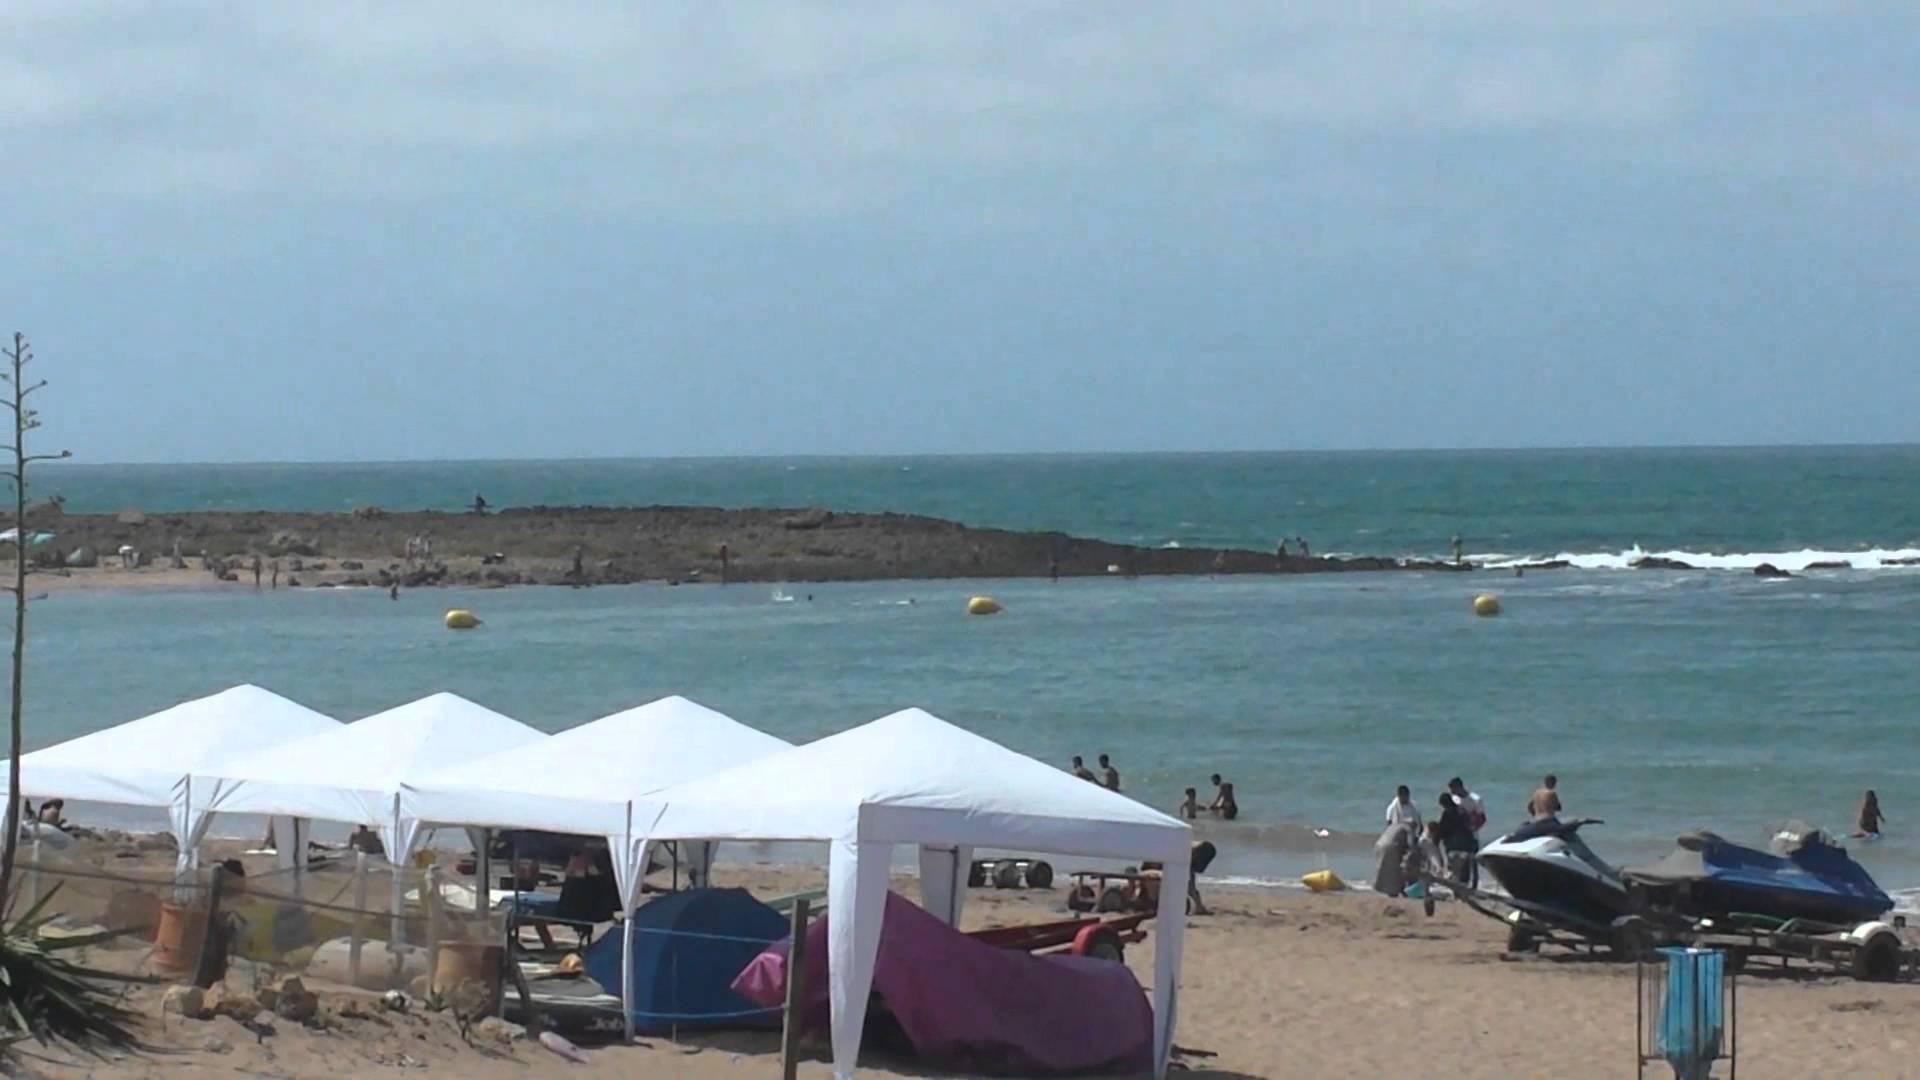 هام : الأصطياف بشواطئ المحمدية بالمجان  ، وحراسة السيارات والدراجات بدرهمين